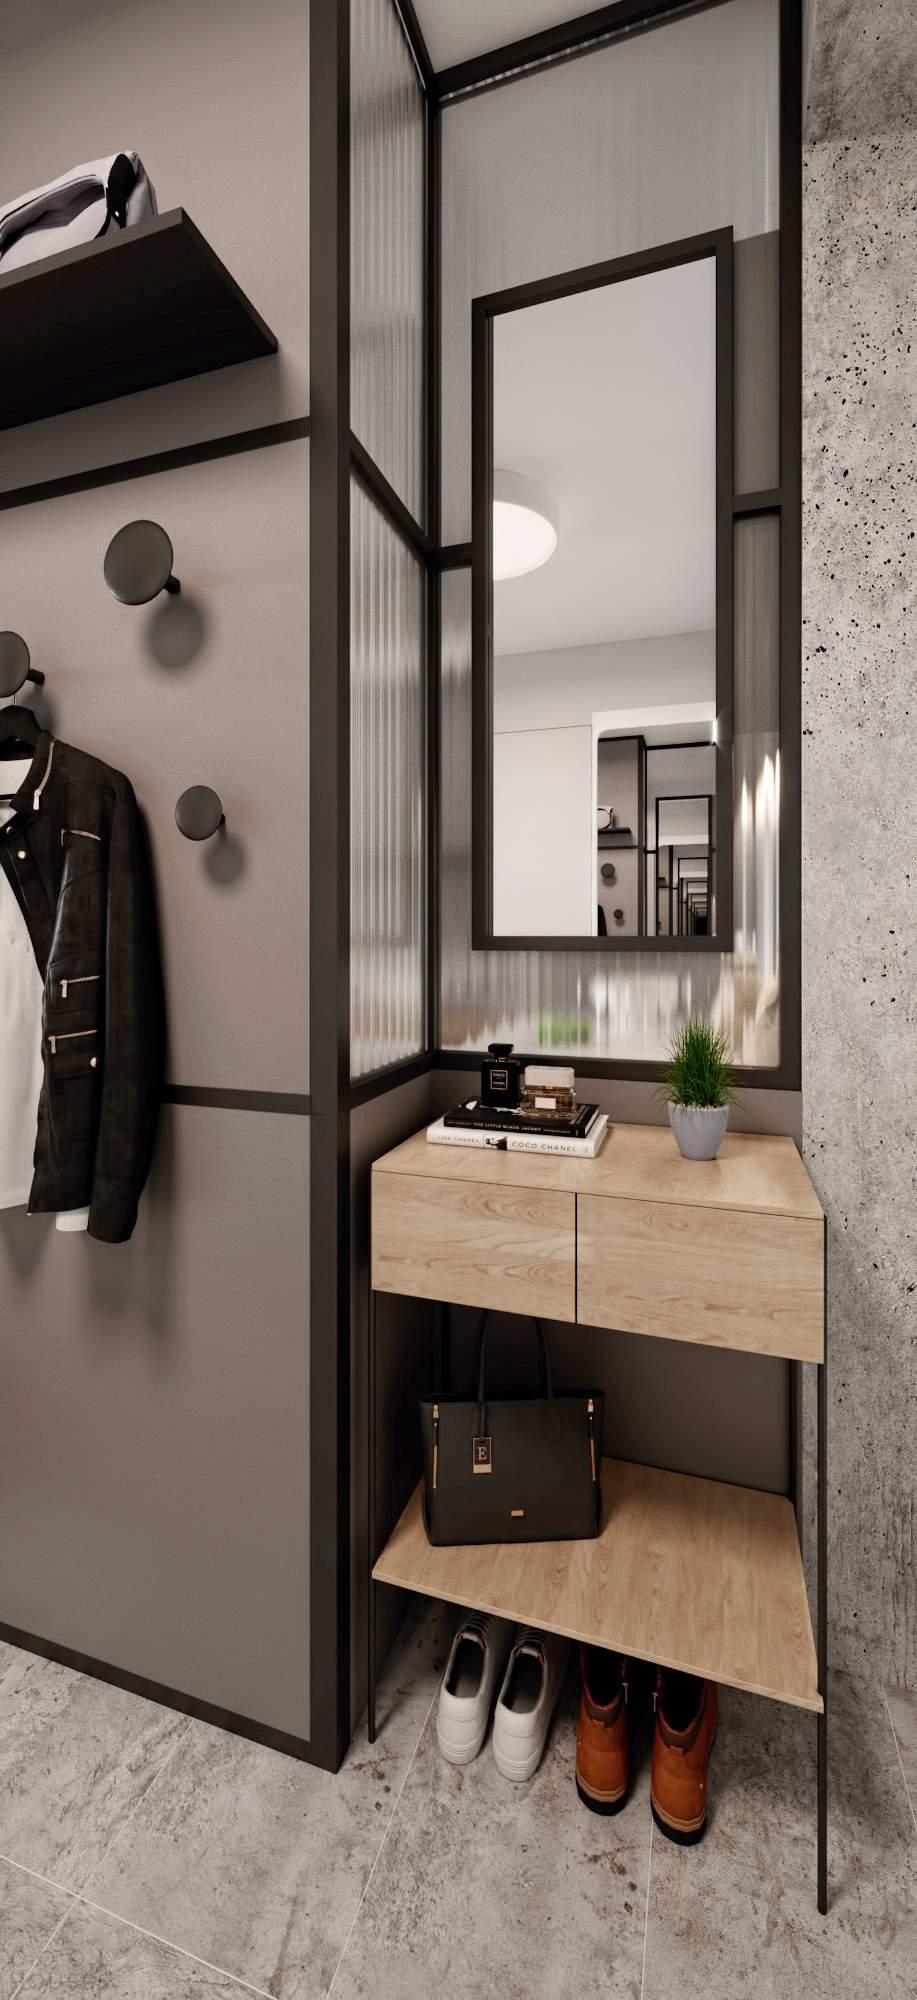 Стильная квартира в обычном панельном доме